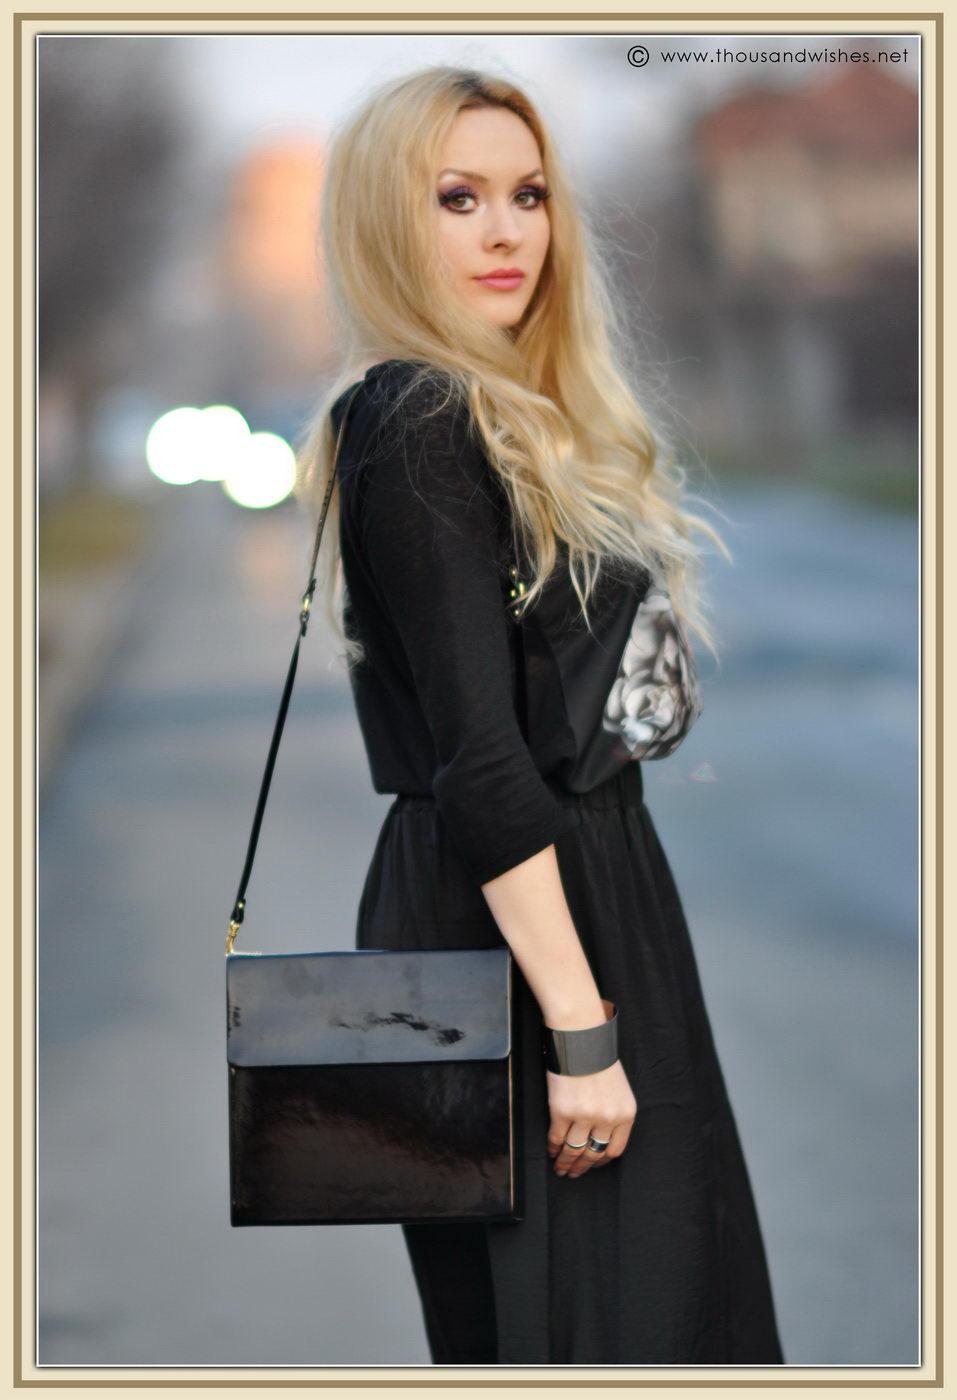 14_glossy_black_bag_skirt